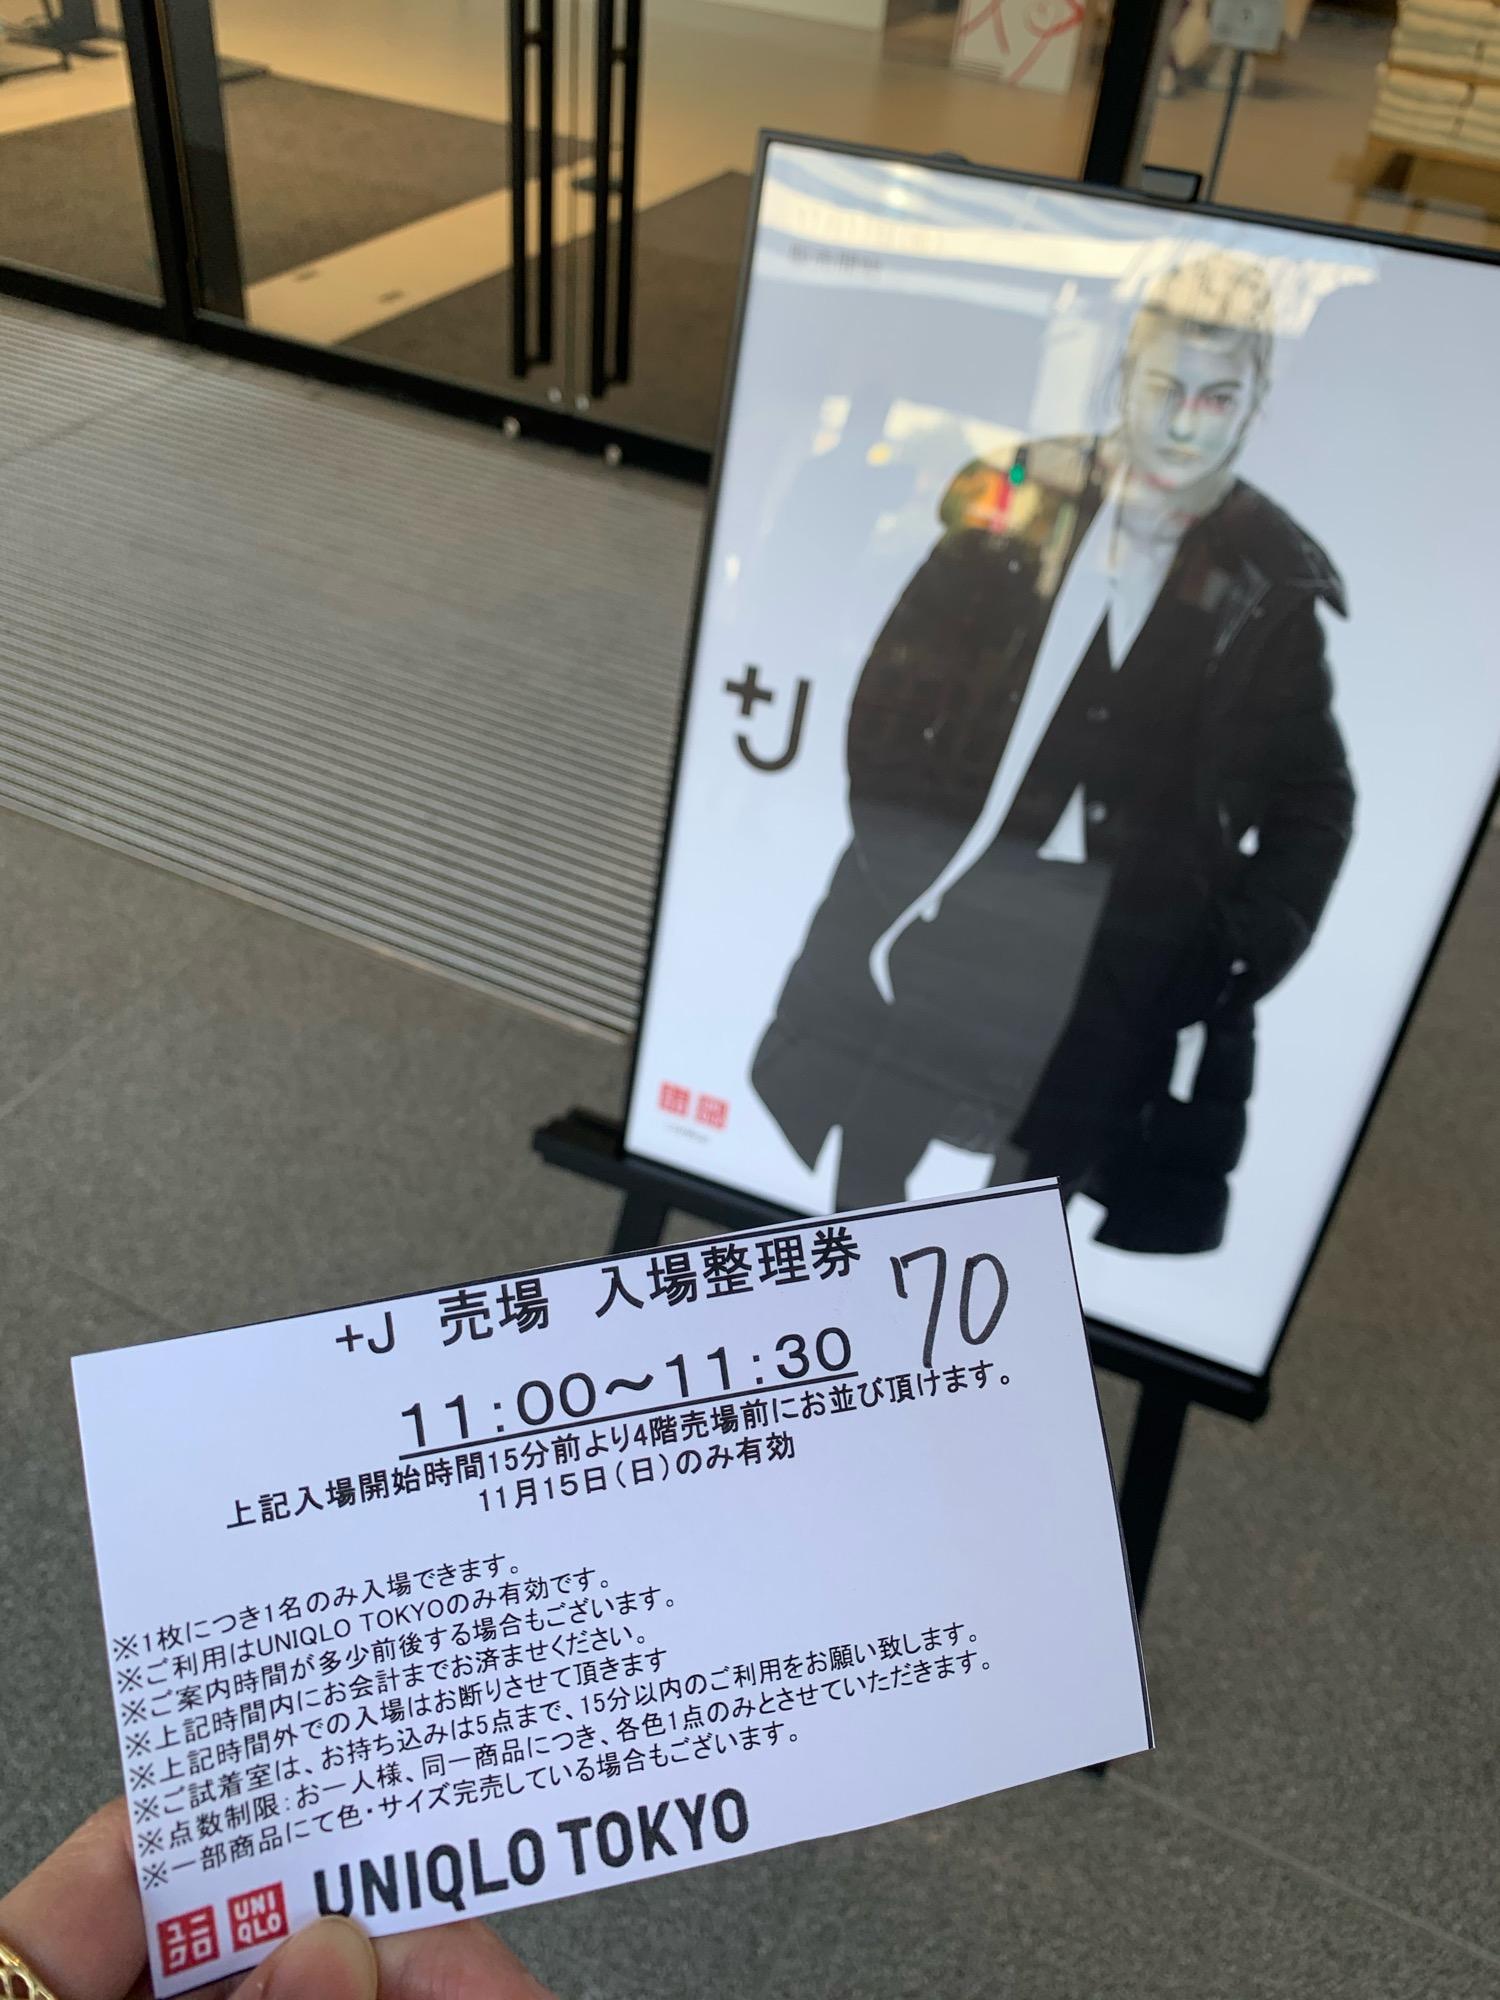 《伝説のコレクション再び❤️》大行列!【ユニクロ+J】#週5でユニジョ の私がスムーズな購入方法と購入品をレポ☝︎♡_2